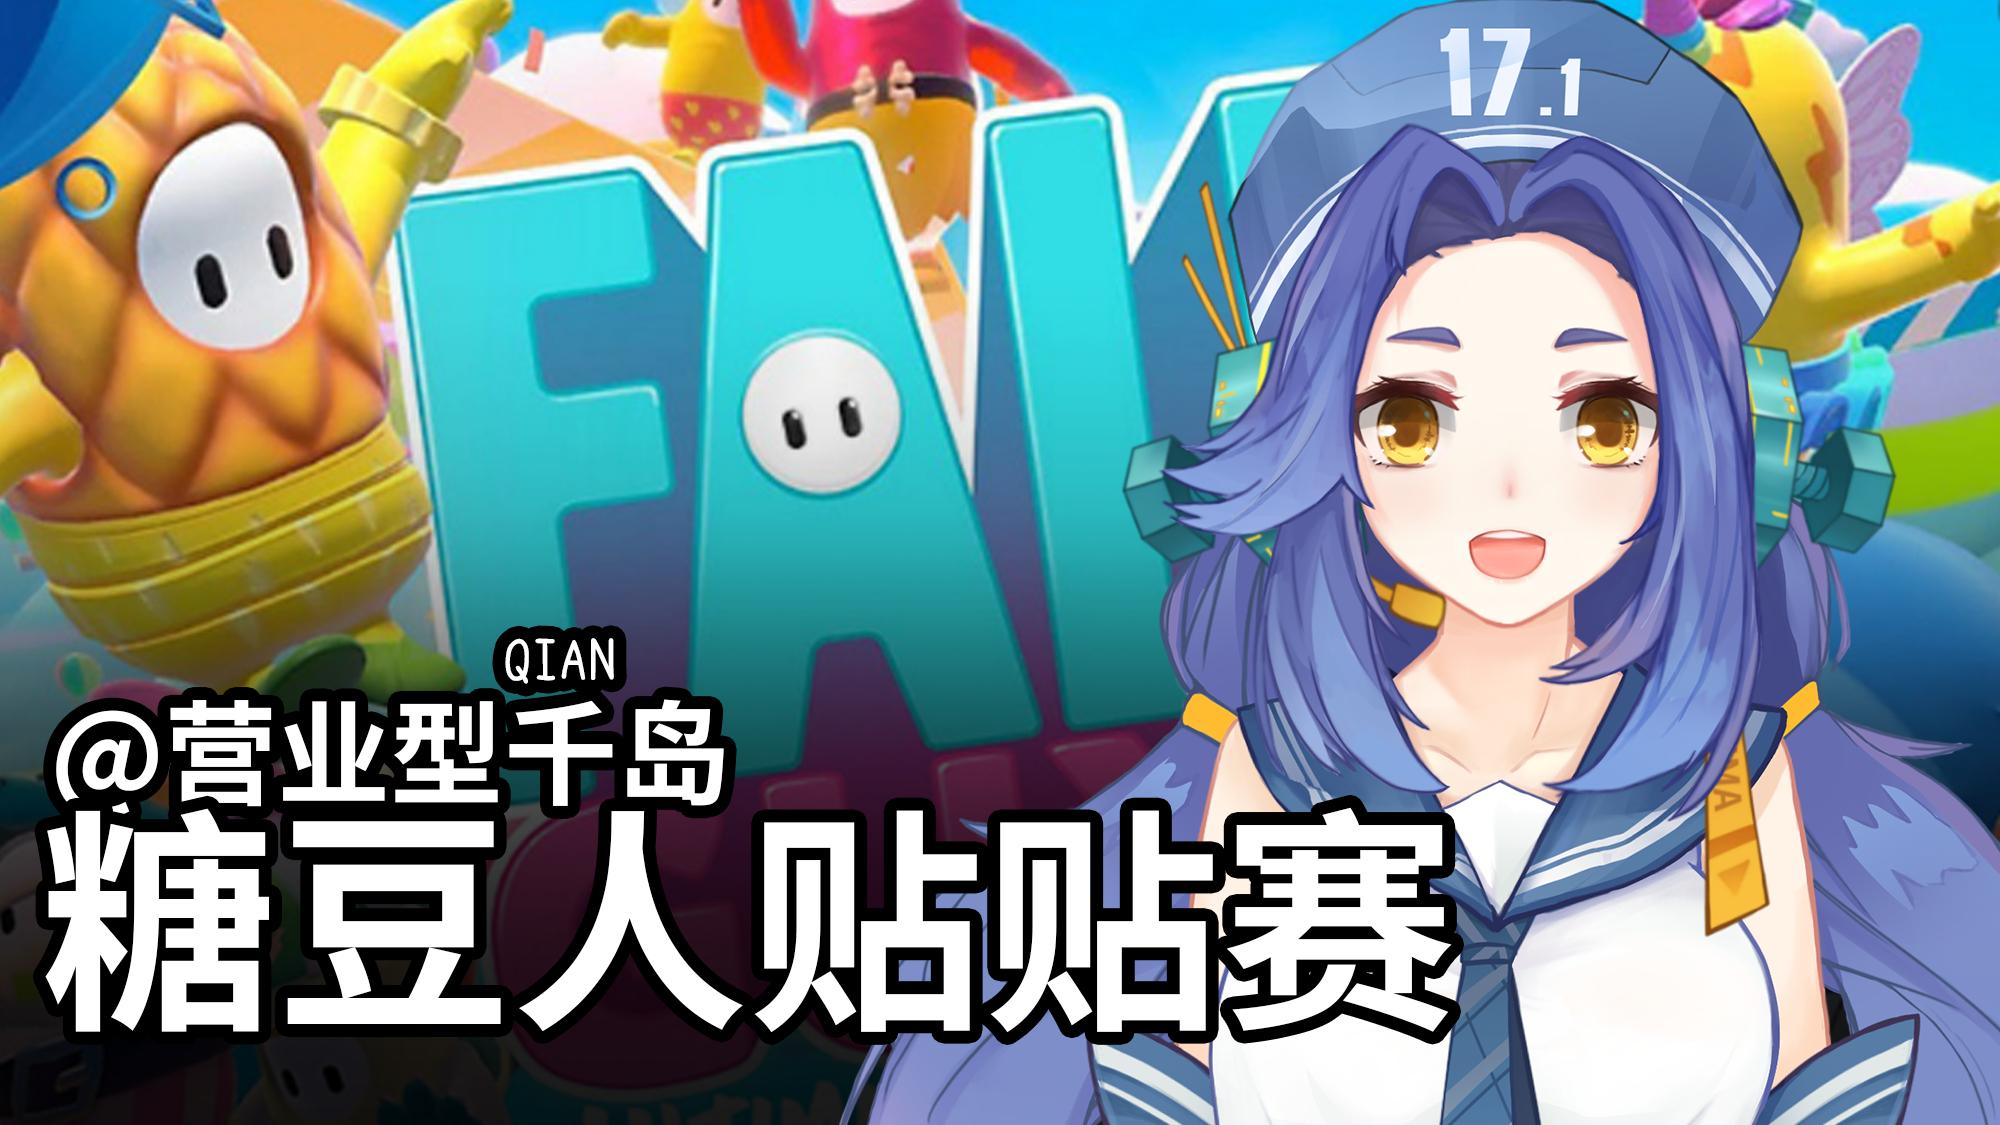 【千岛】糖豆人贴贴赛(含与菇宝(@-HL-)突击联动)【千岛直播录屏#38